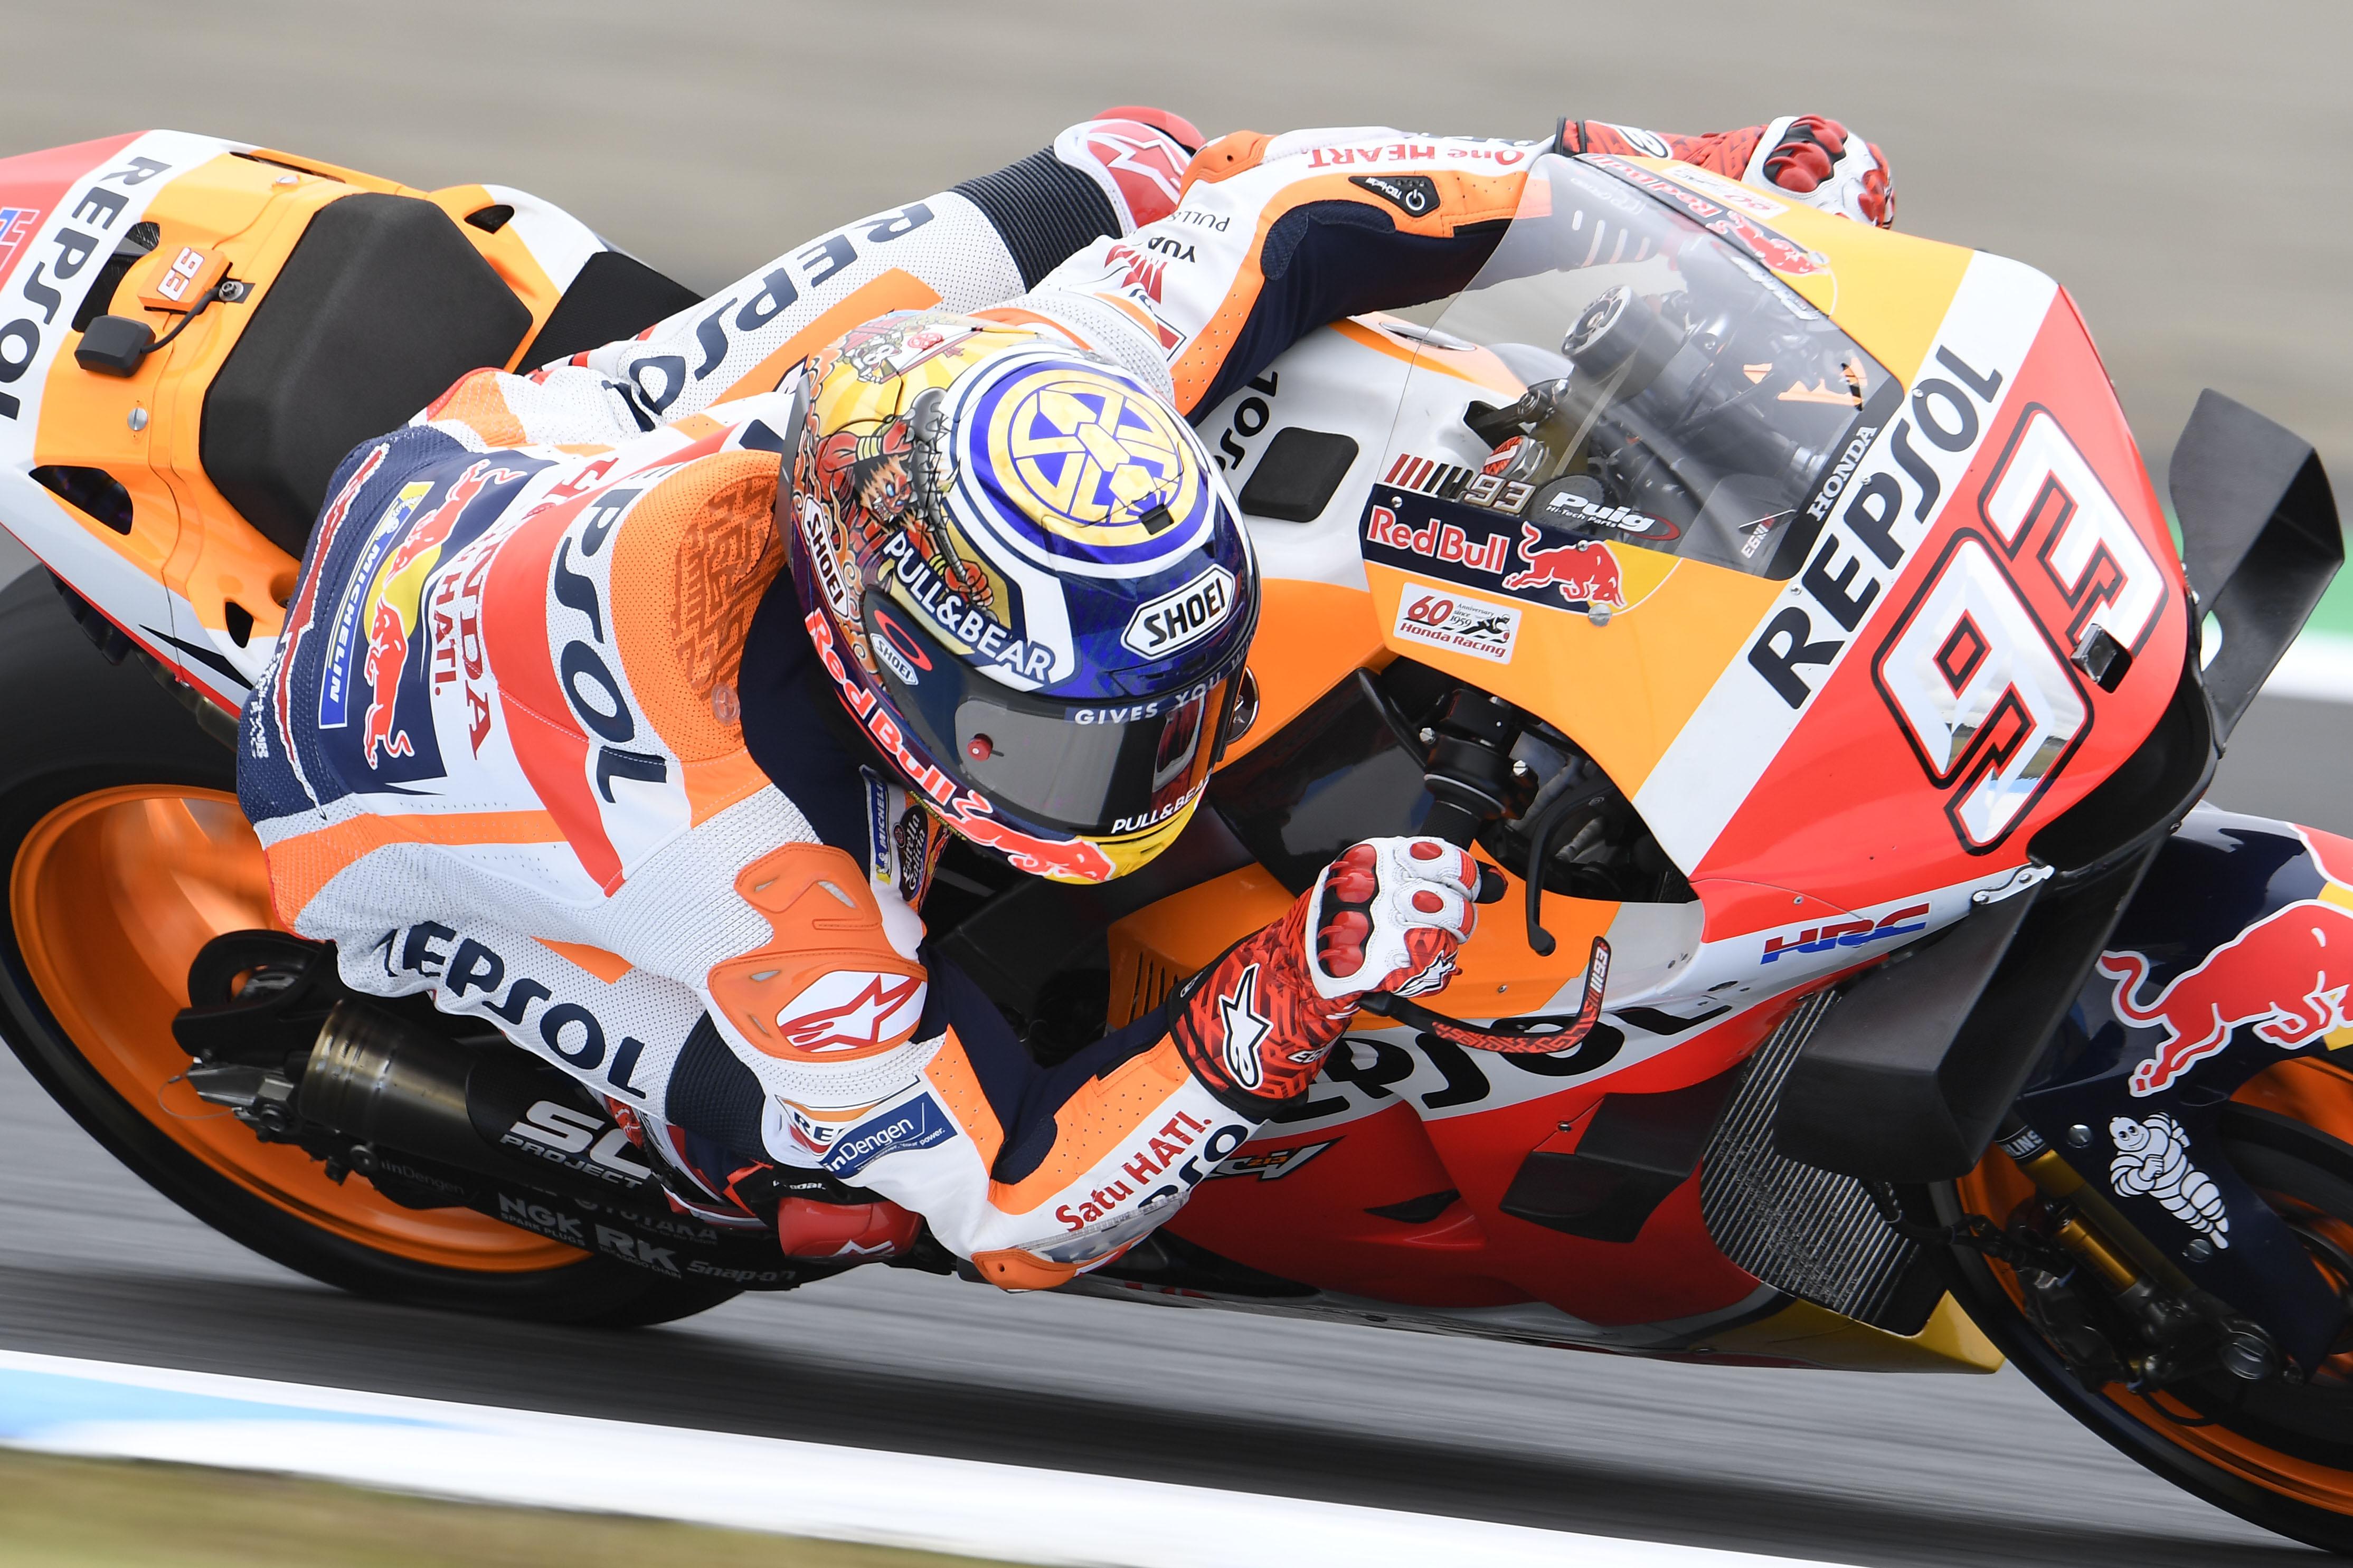 Moto Jp